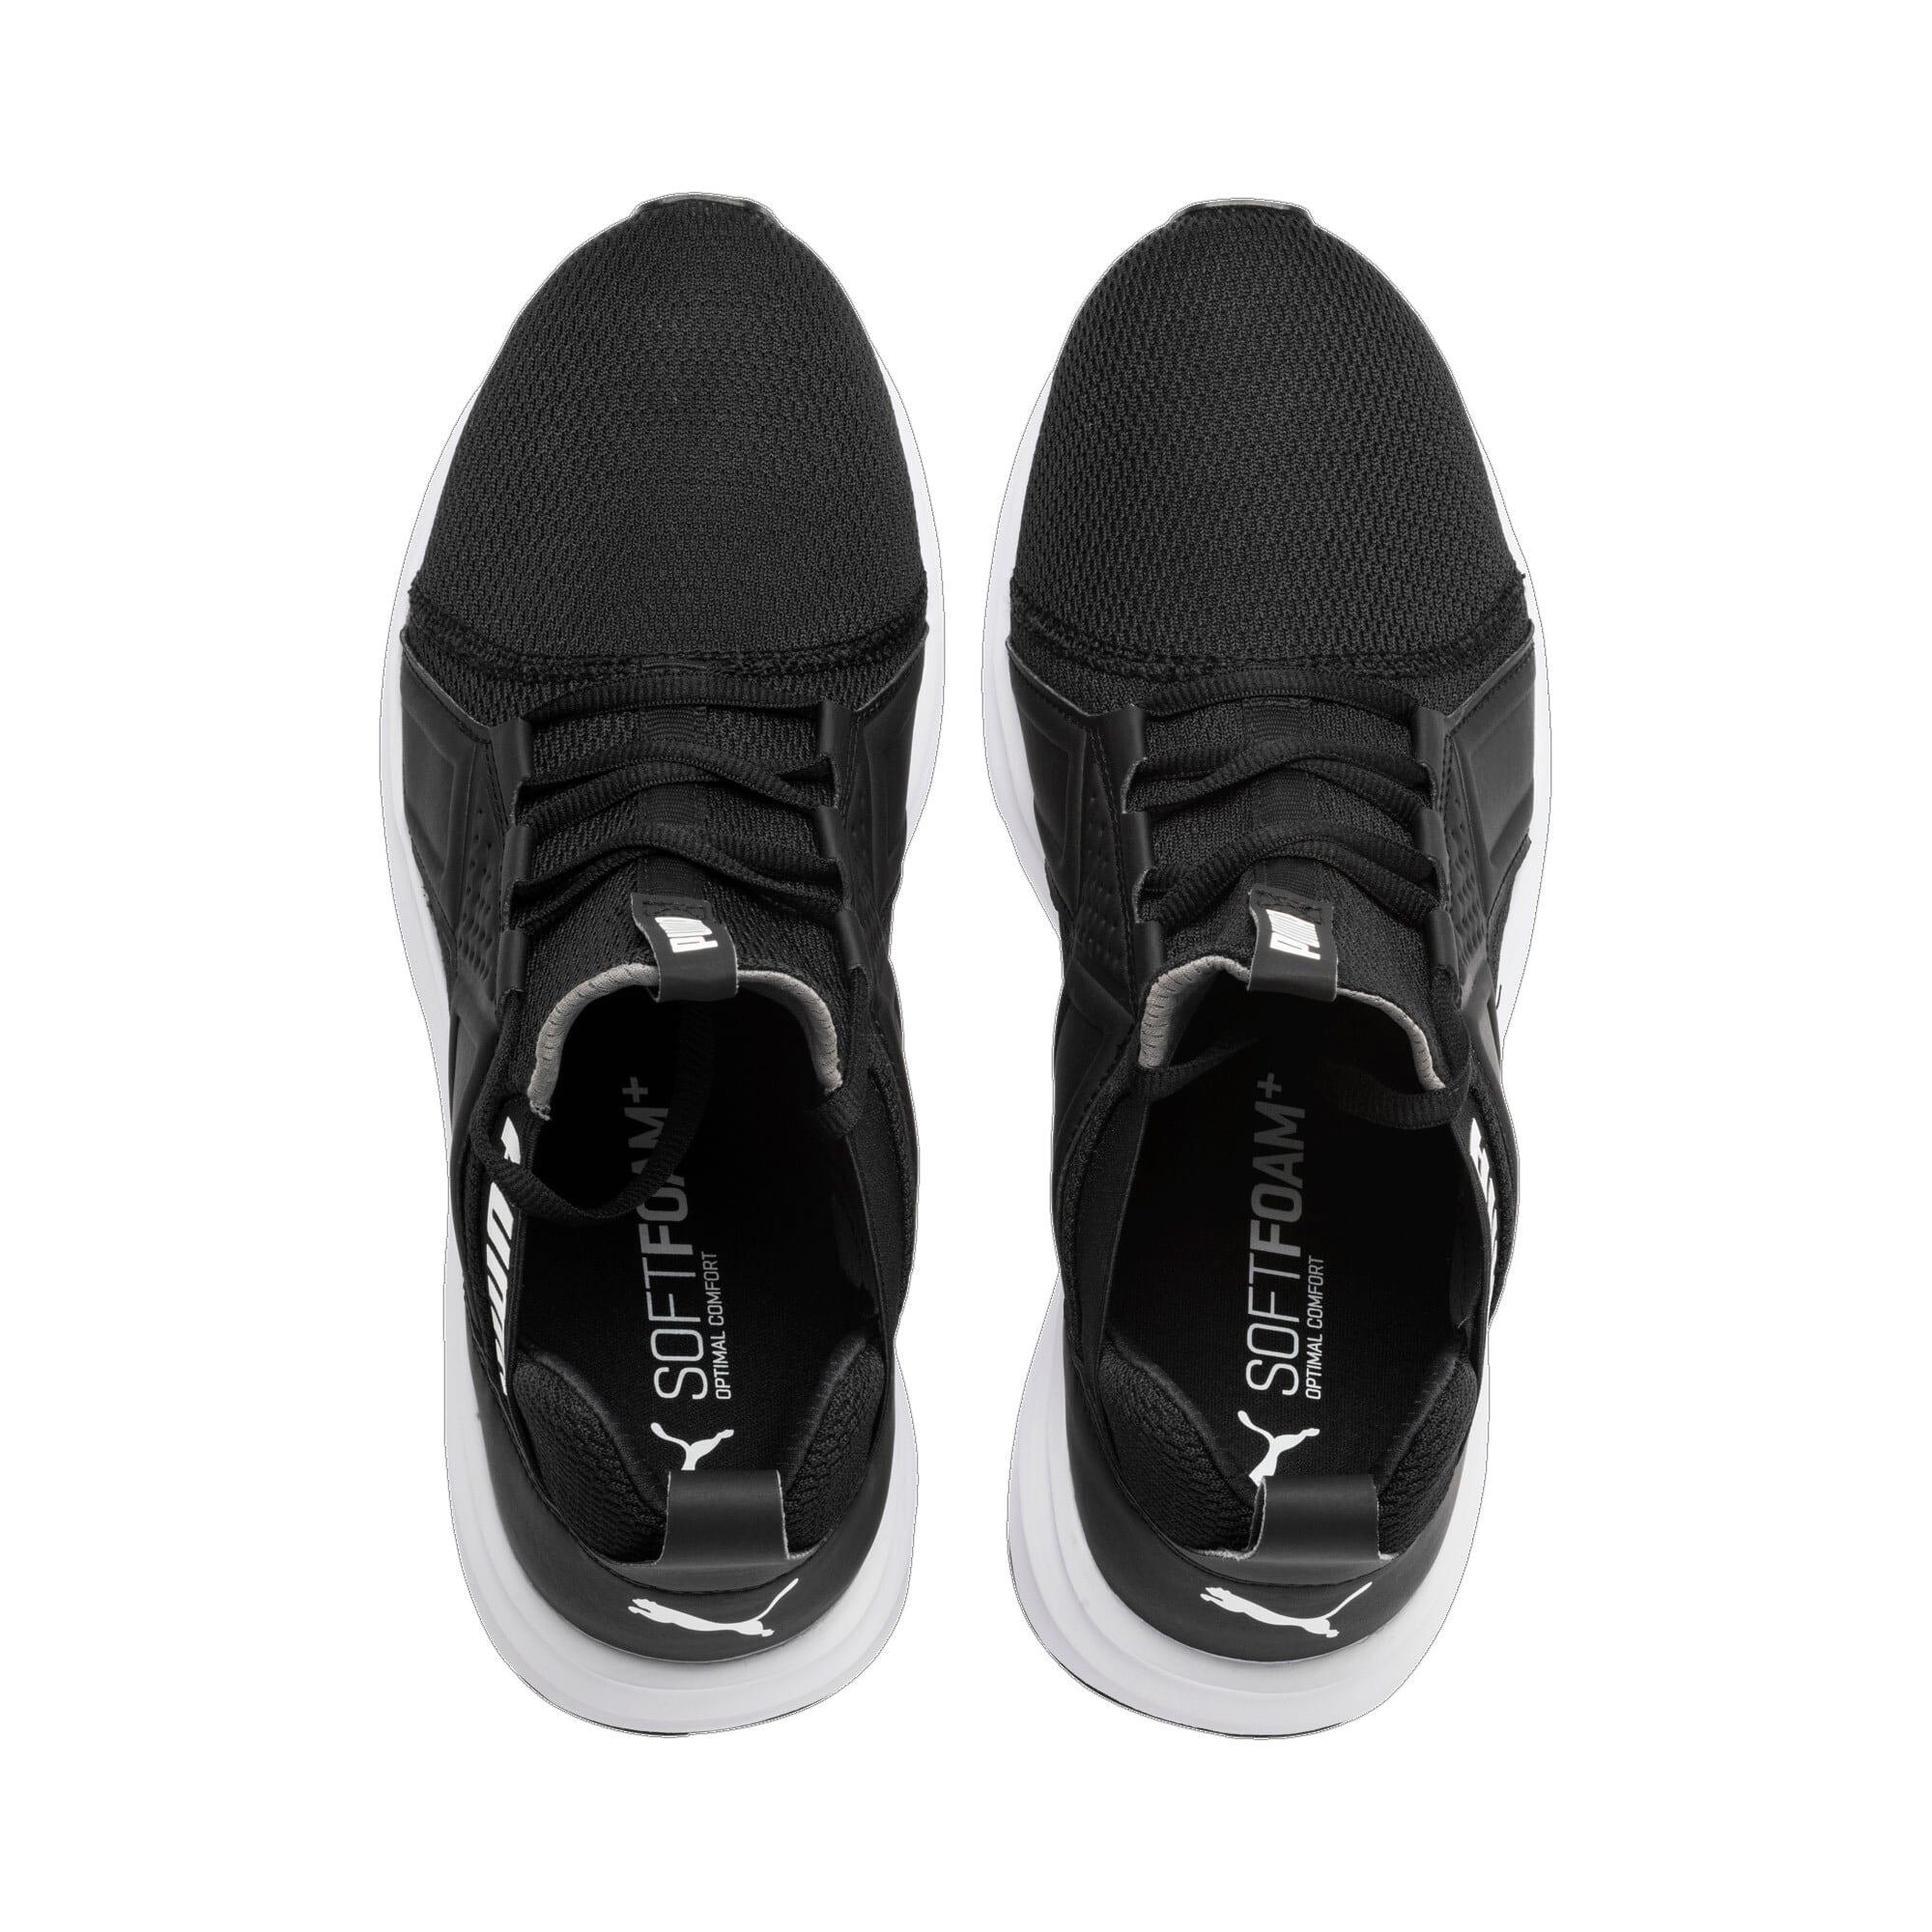 Thumbnail 7 of Enzo Sport Men's Training Shoes, Puma Black-Puma White, medium